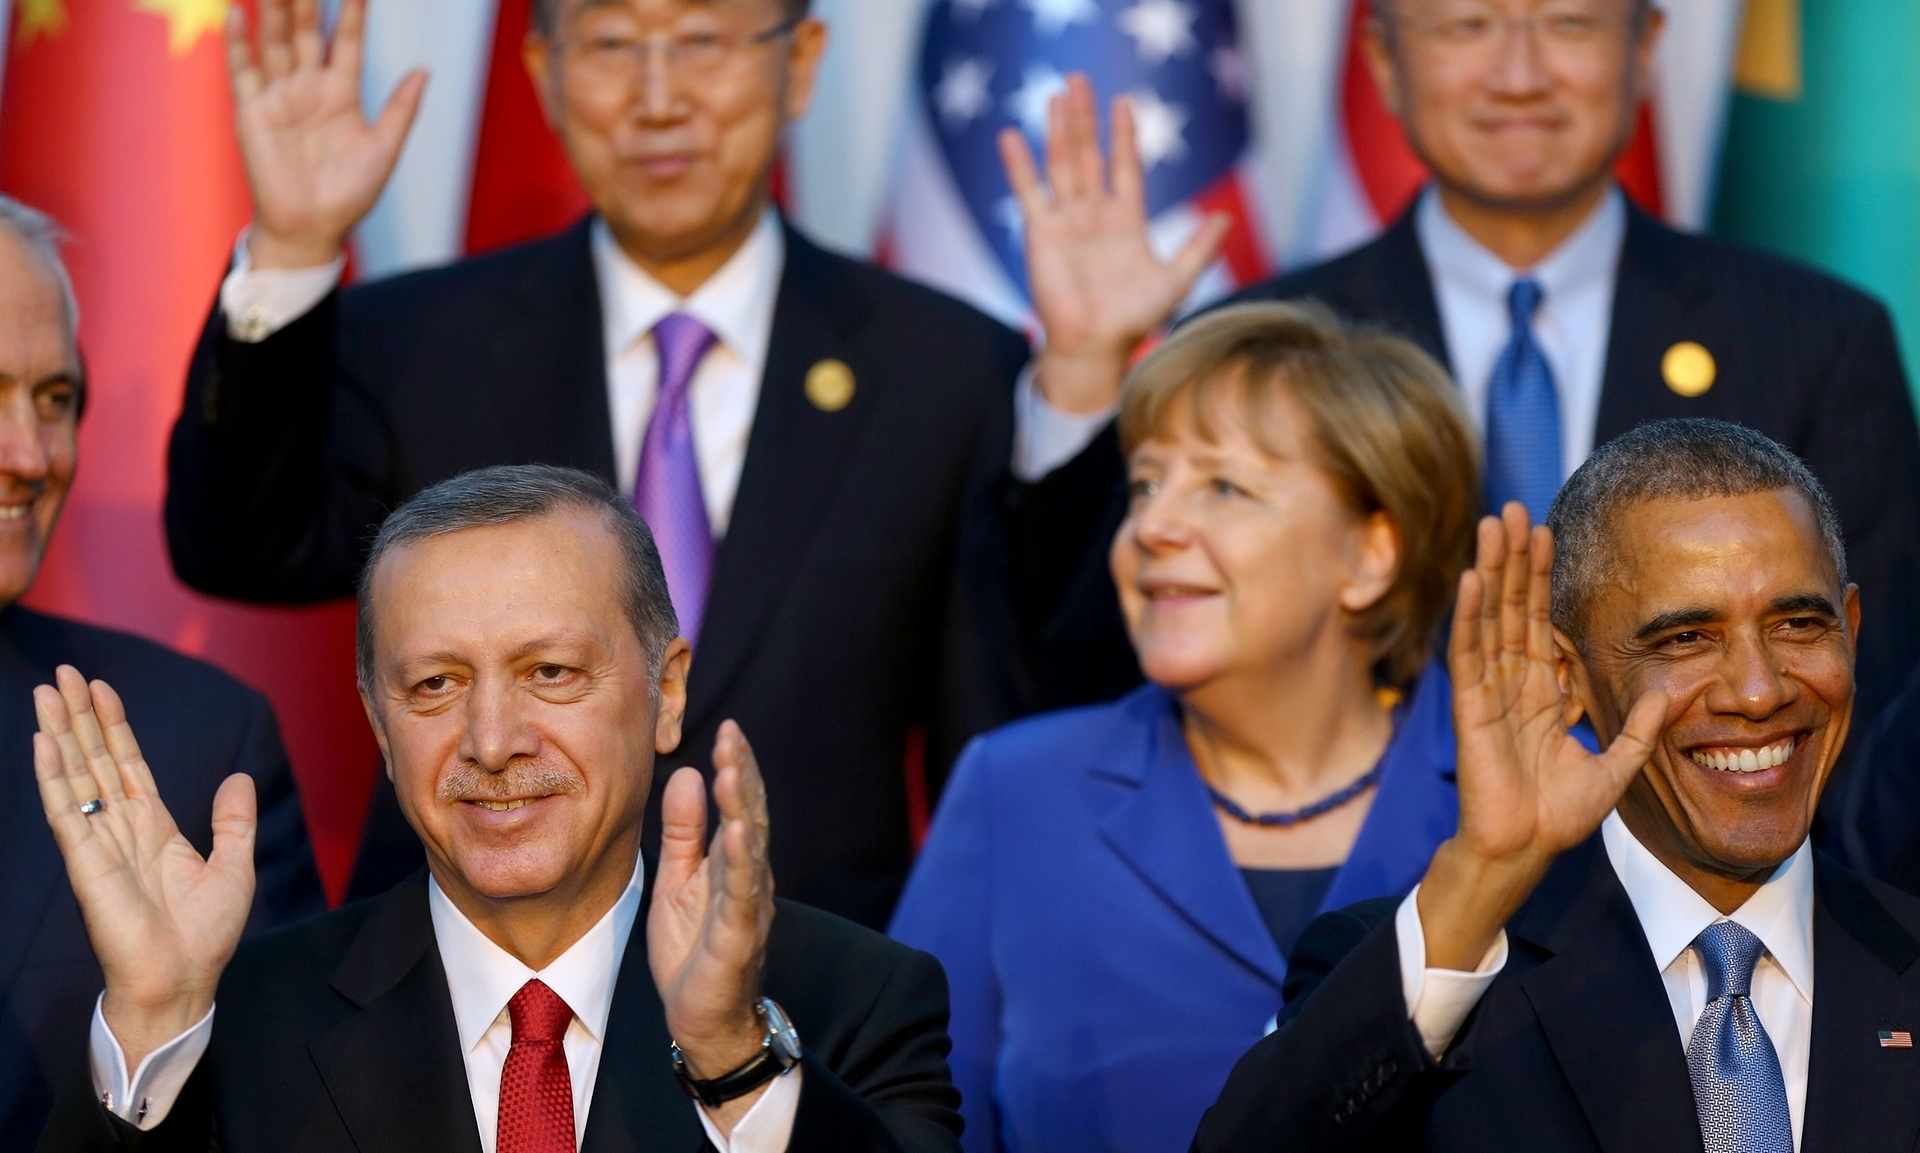 erdogan and obama